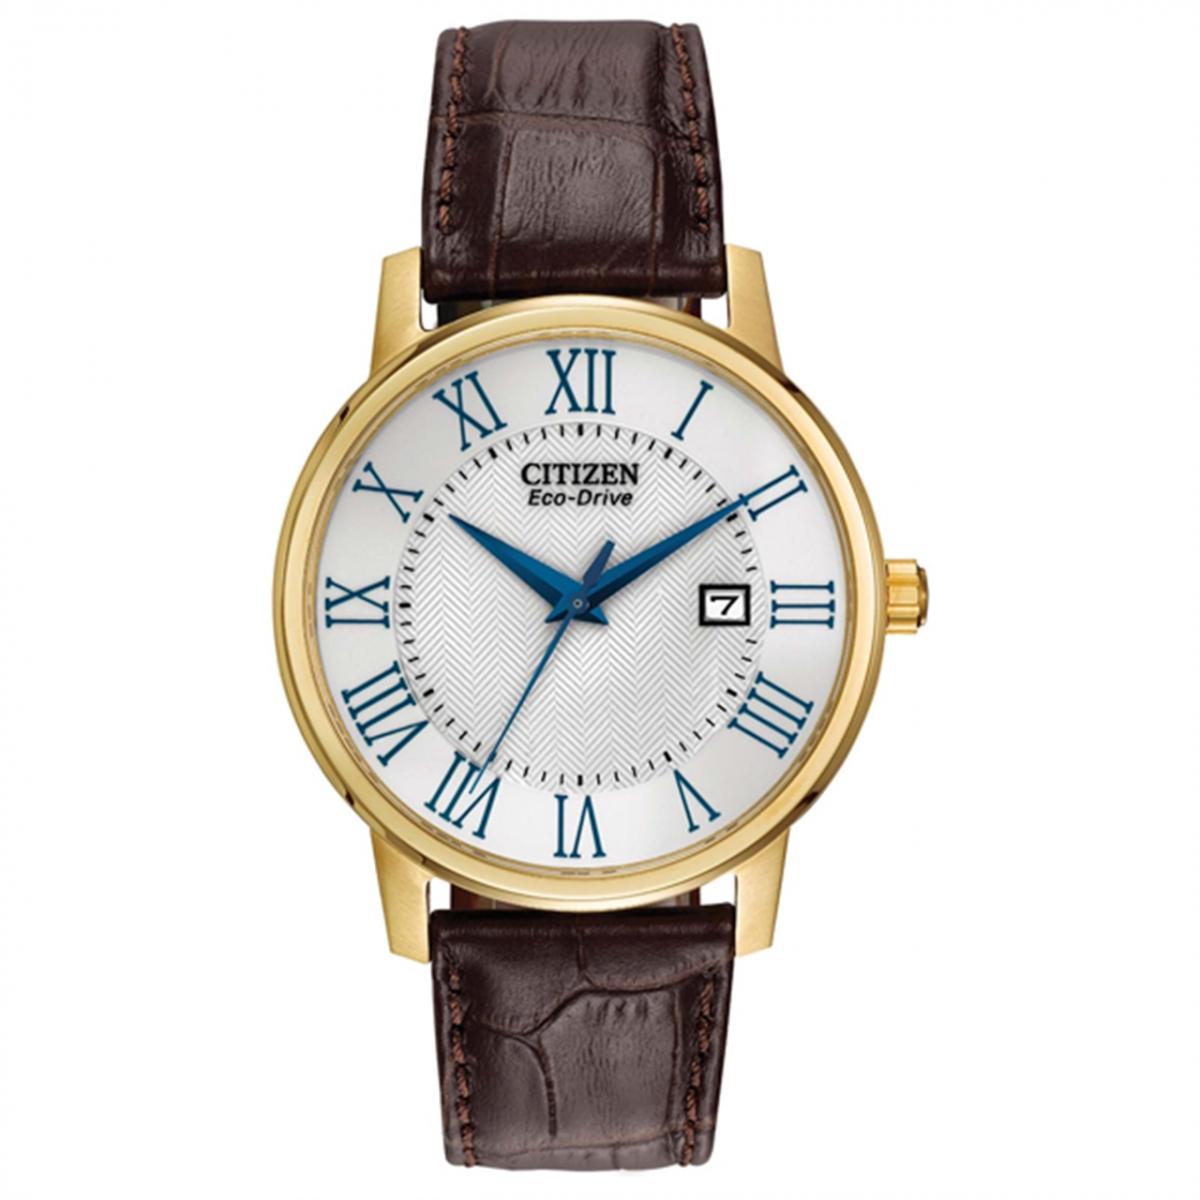 Đồng hồ thời trang nam dây da chống nước Citizen BM6752.02A - 3822665 , WBE36T03329_000 , 274_WBE36T03329_000 , 503000000 , Dong-ho-thoi-trang-nam-day-da-chong-nuoc-Citizen-BM6752.02A-274_WBE36T03329_000 , pnj.com.vn , Đồng hồ thời trang nam dây da chống nước Citizen BM6752.02A